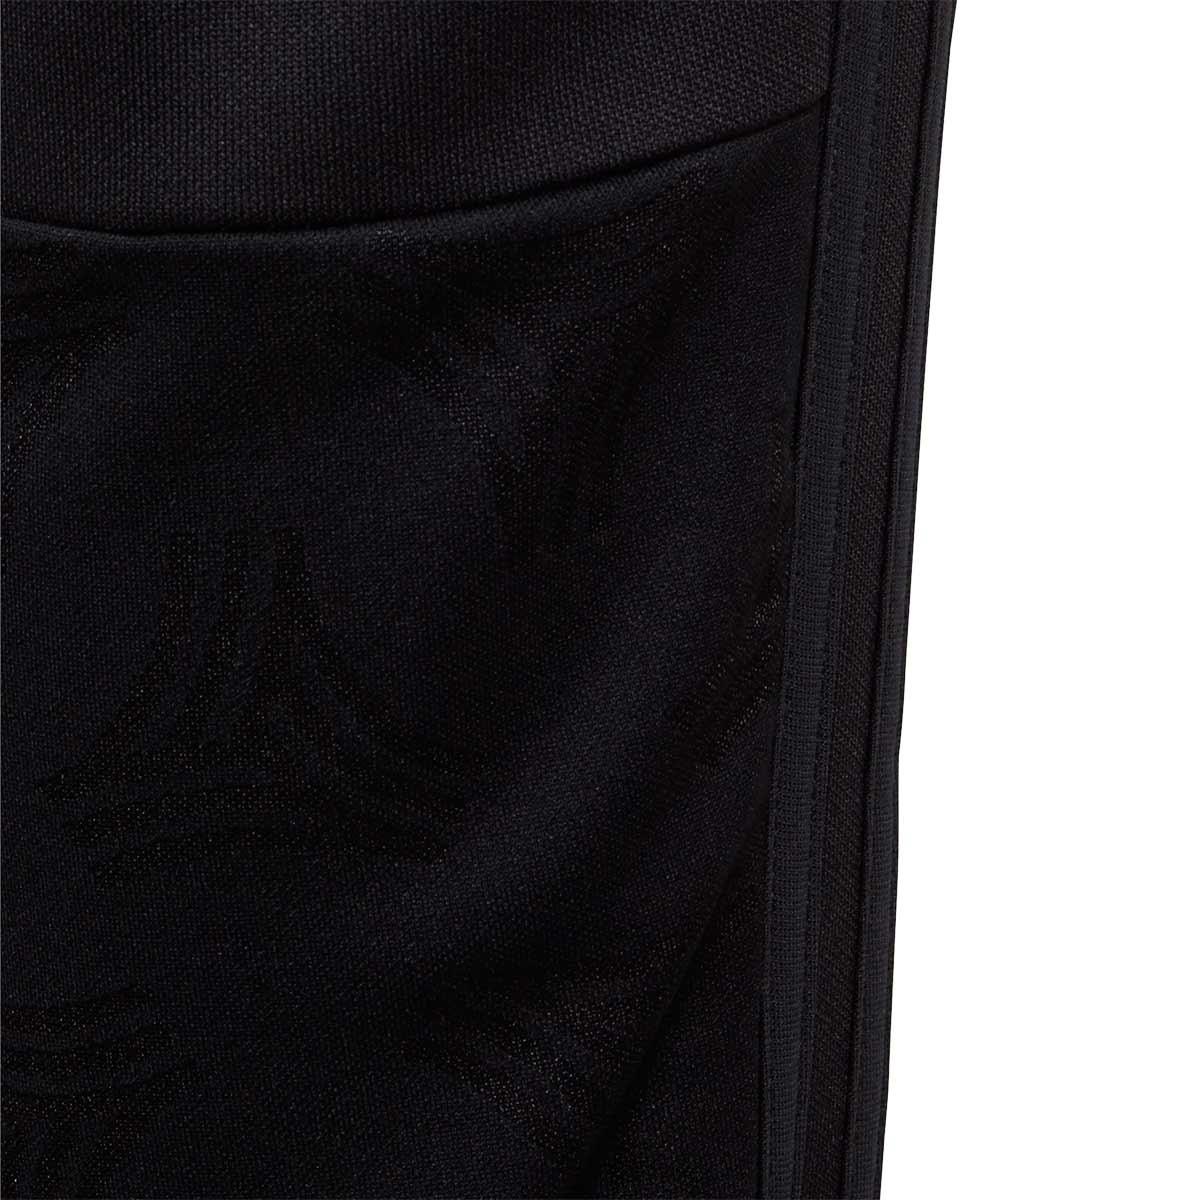 Pantalón largo adidas Tango Training Niño